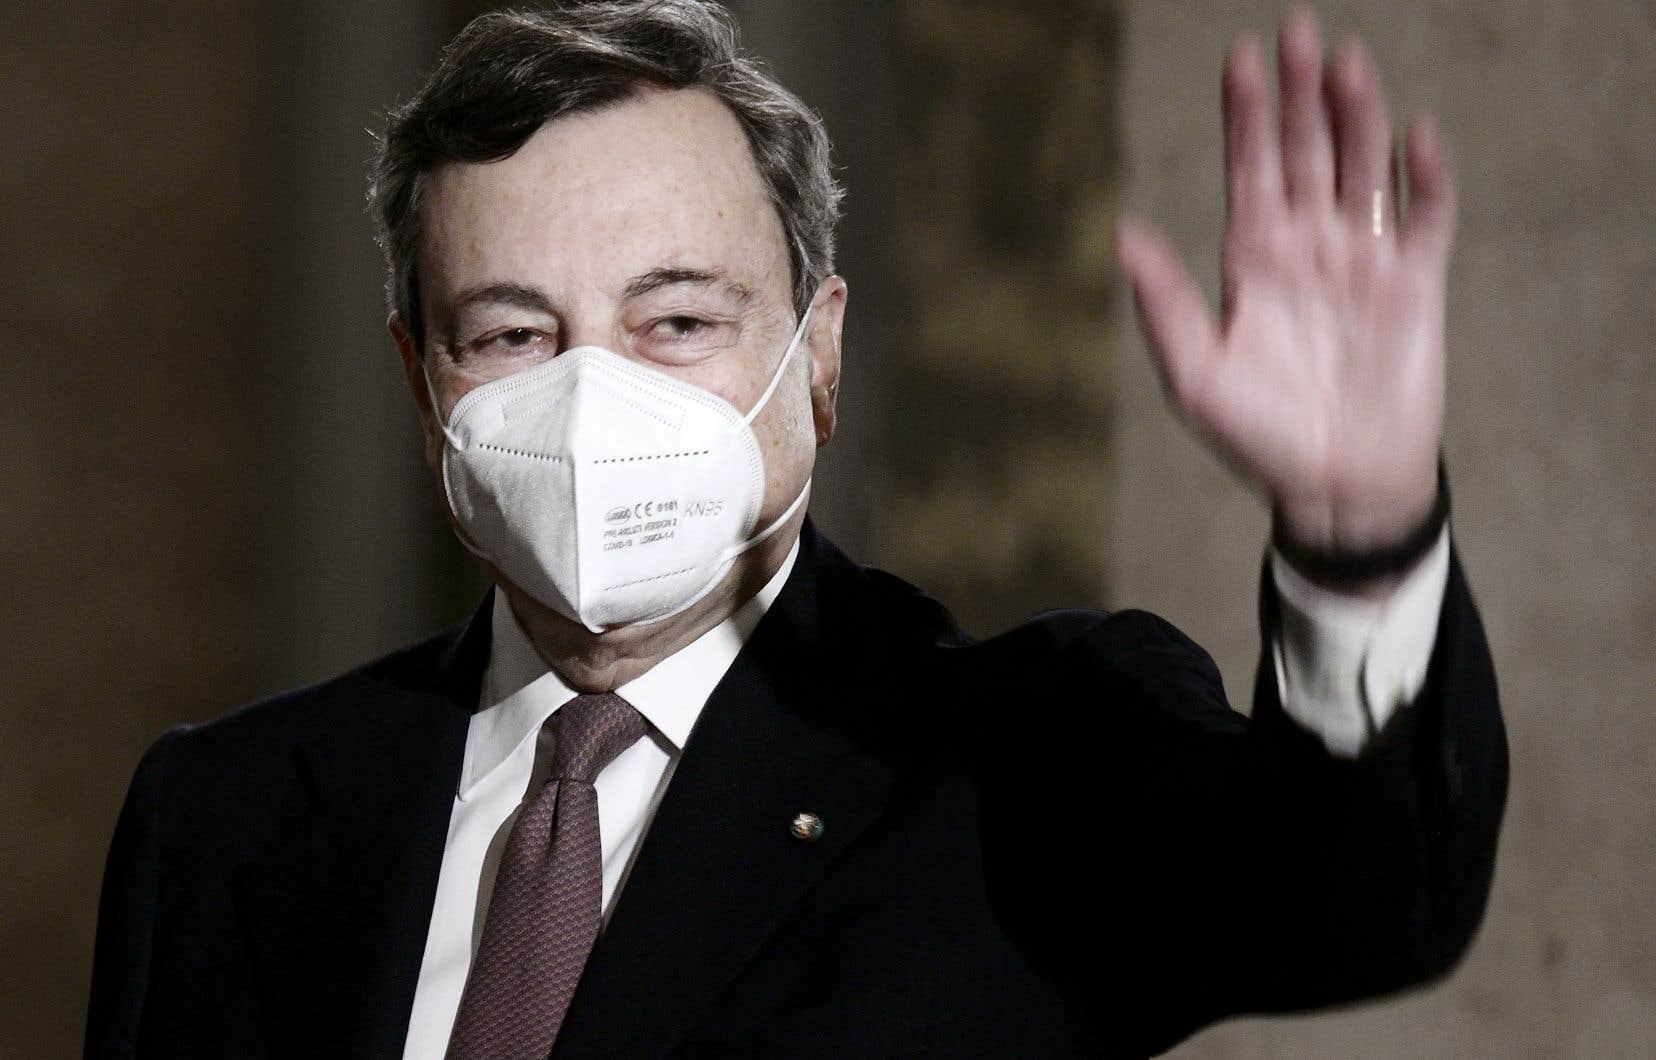 Ancien président de la Banque centrale européenne, MarioDraghi est surnommé «Super Mario» pour son rôle dans la crise de la dette de la zone euro en 2012.